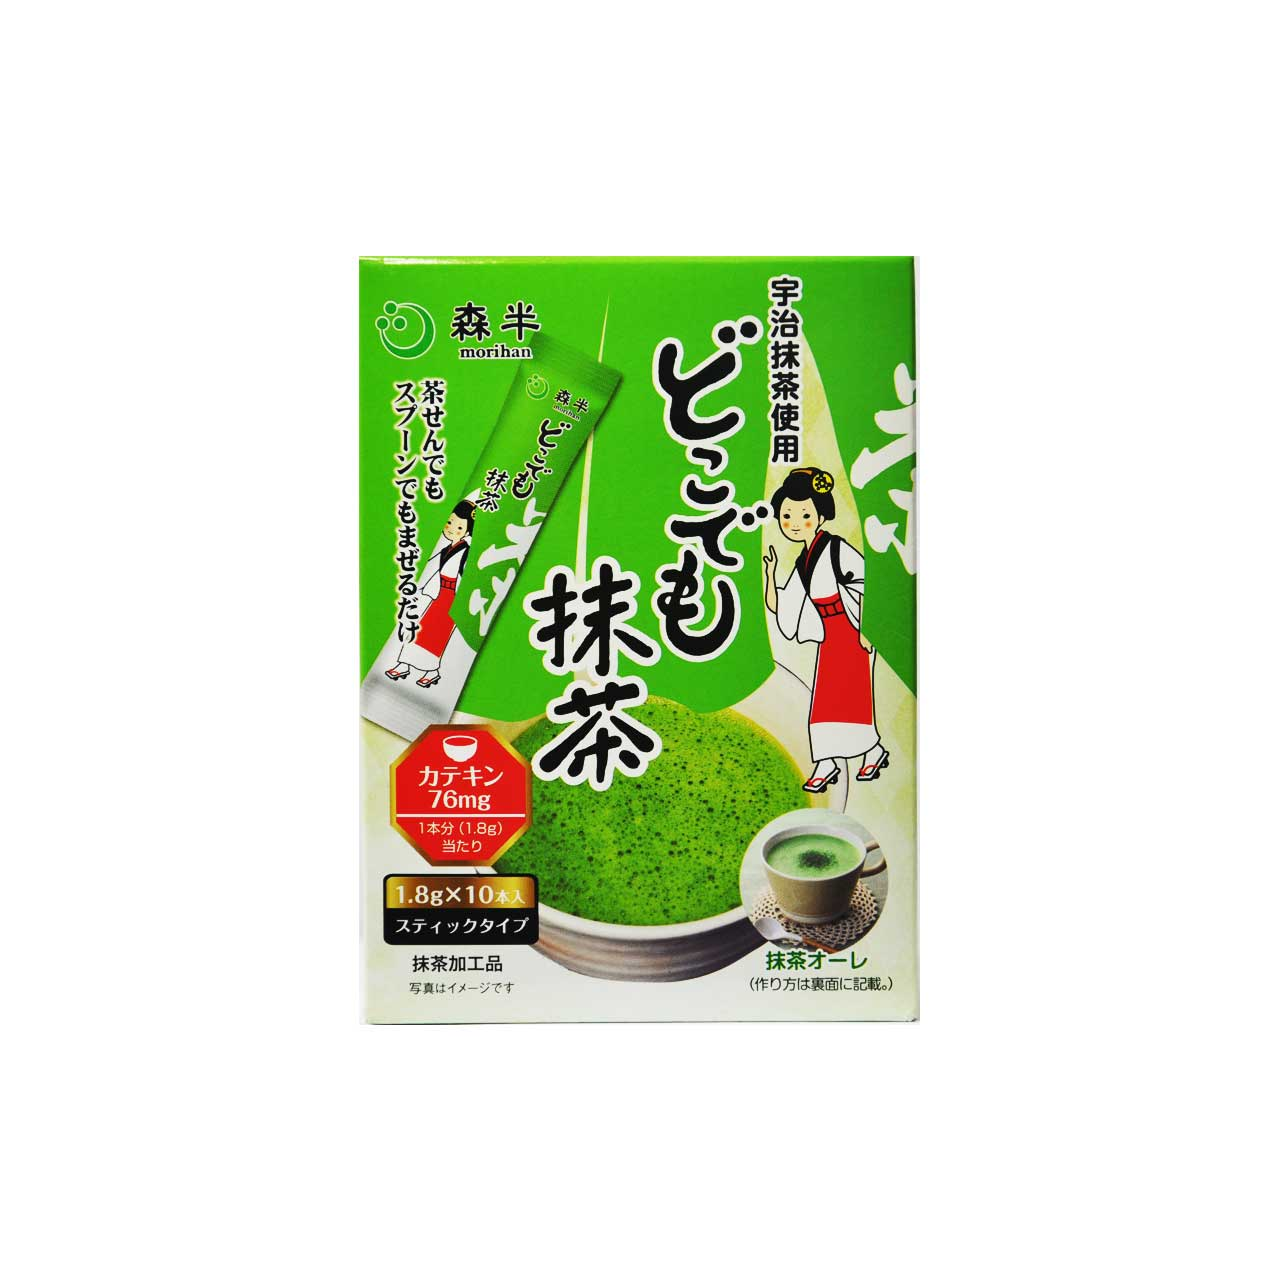 چای ماچا ژاپنی ساشه ای ۱۰ عددی – matcha tea